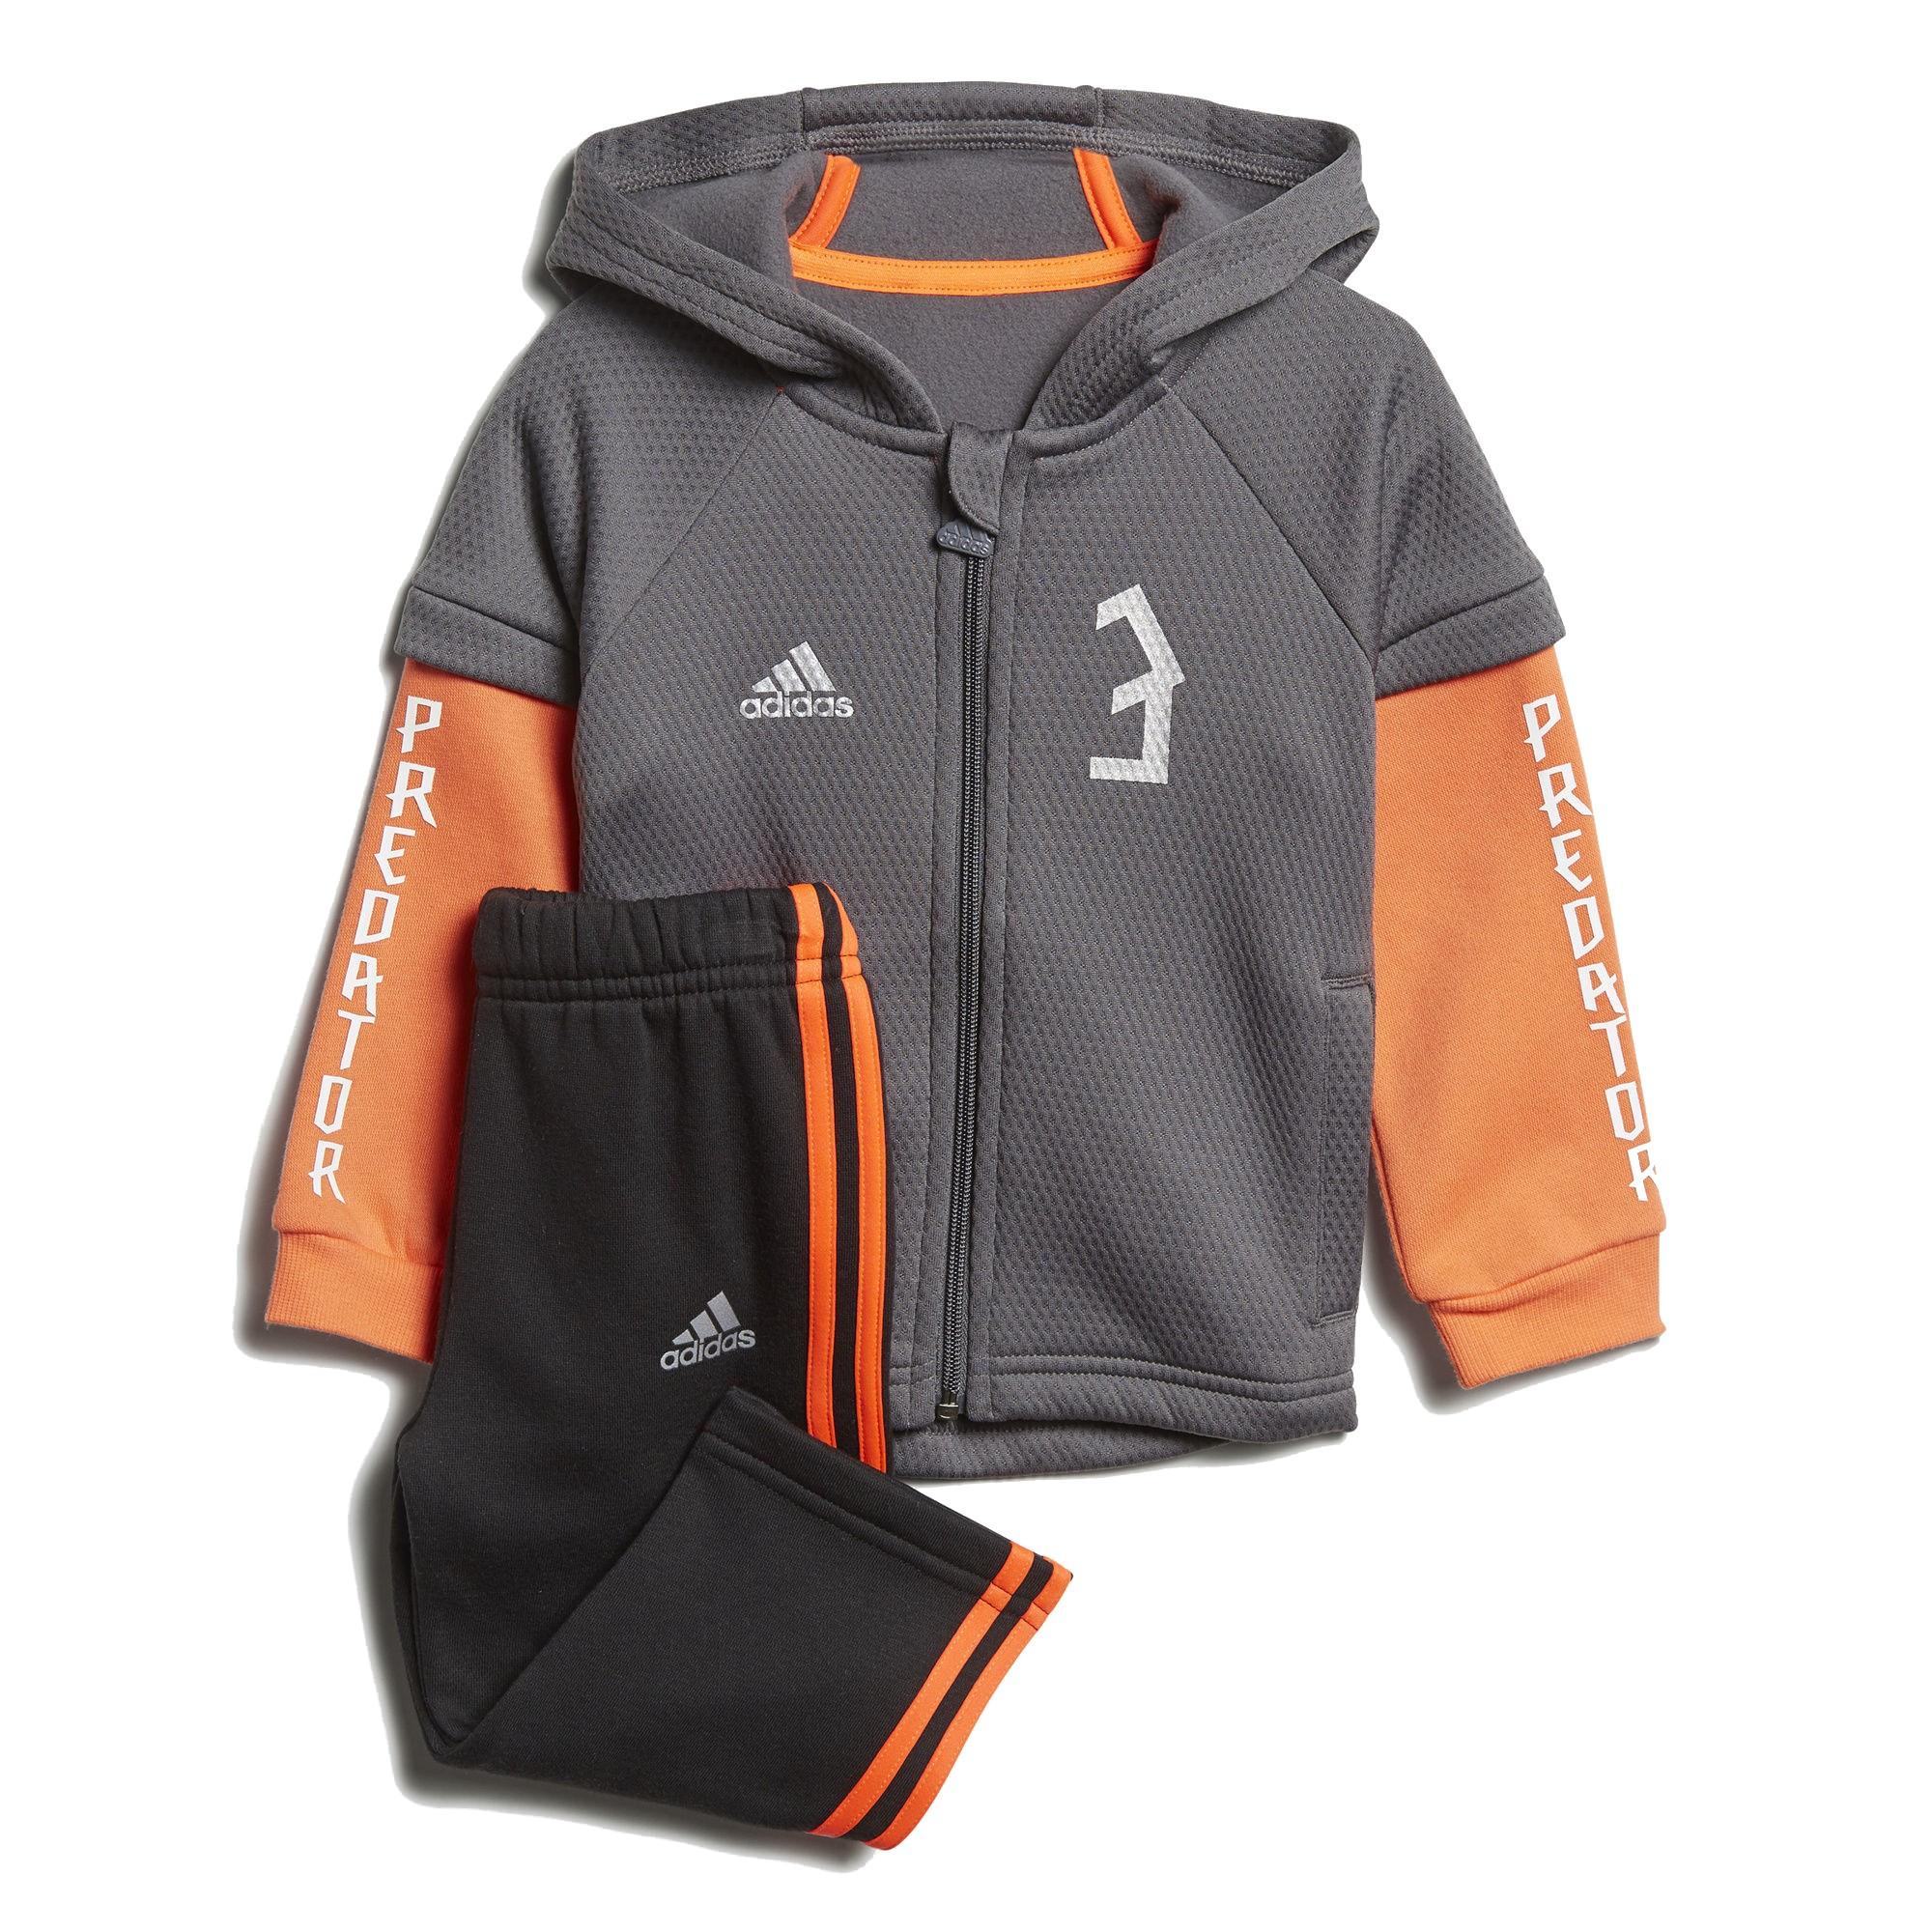 Adidas Predator Mini Me Track Suit Kisfiú Bébi Melegítő Együttes  (Szürke-Narancssárga) DJ1562 c108ede11f